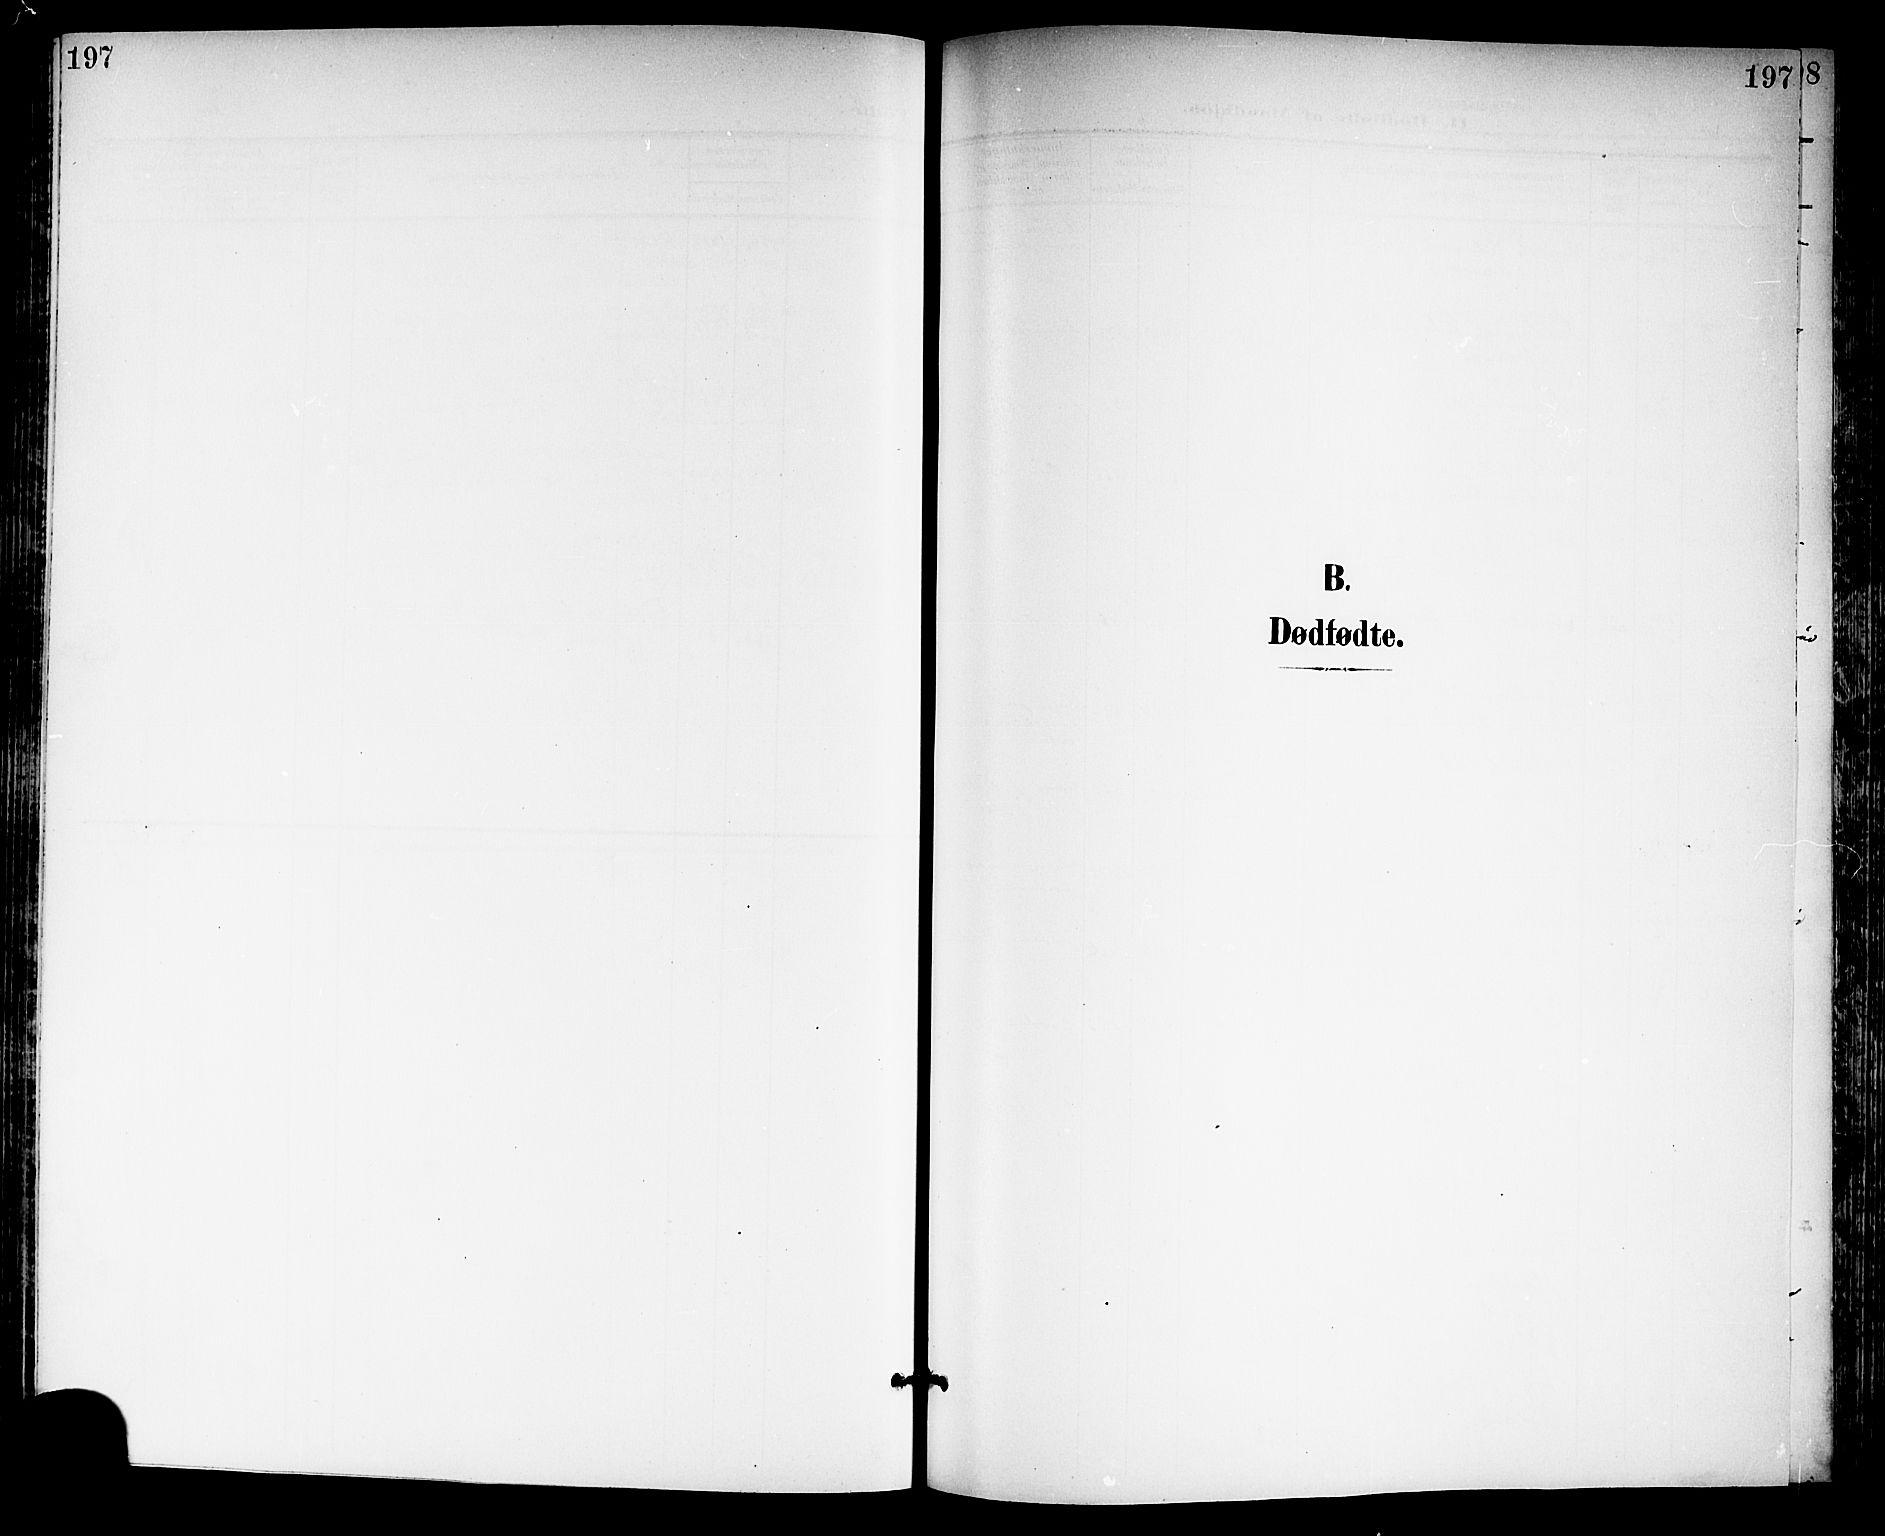 SAKO, Gjerpen kirkebøker, G/Ga/L0003: Klokkerbok nr. I 3, 1901-1919, s. 197